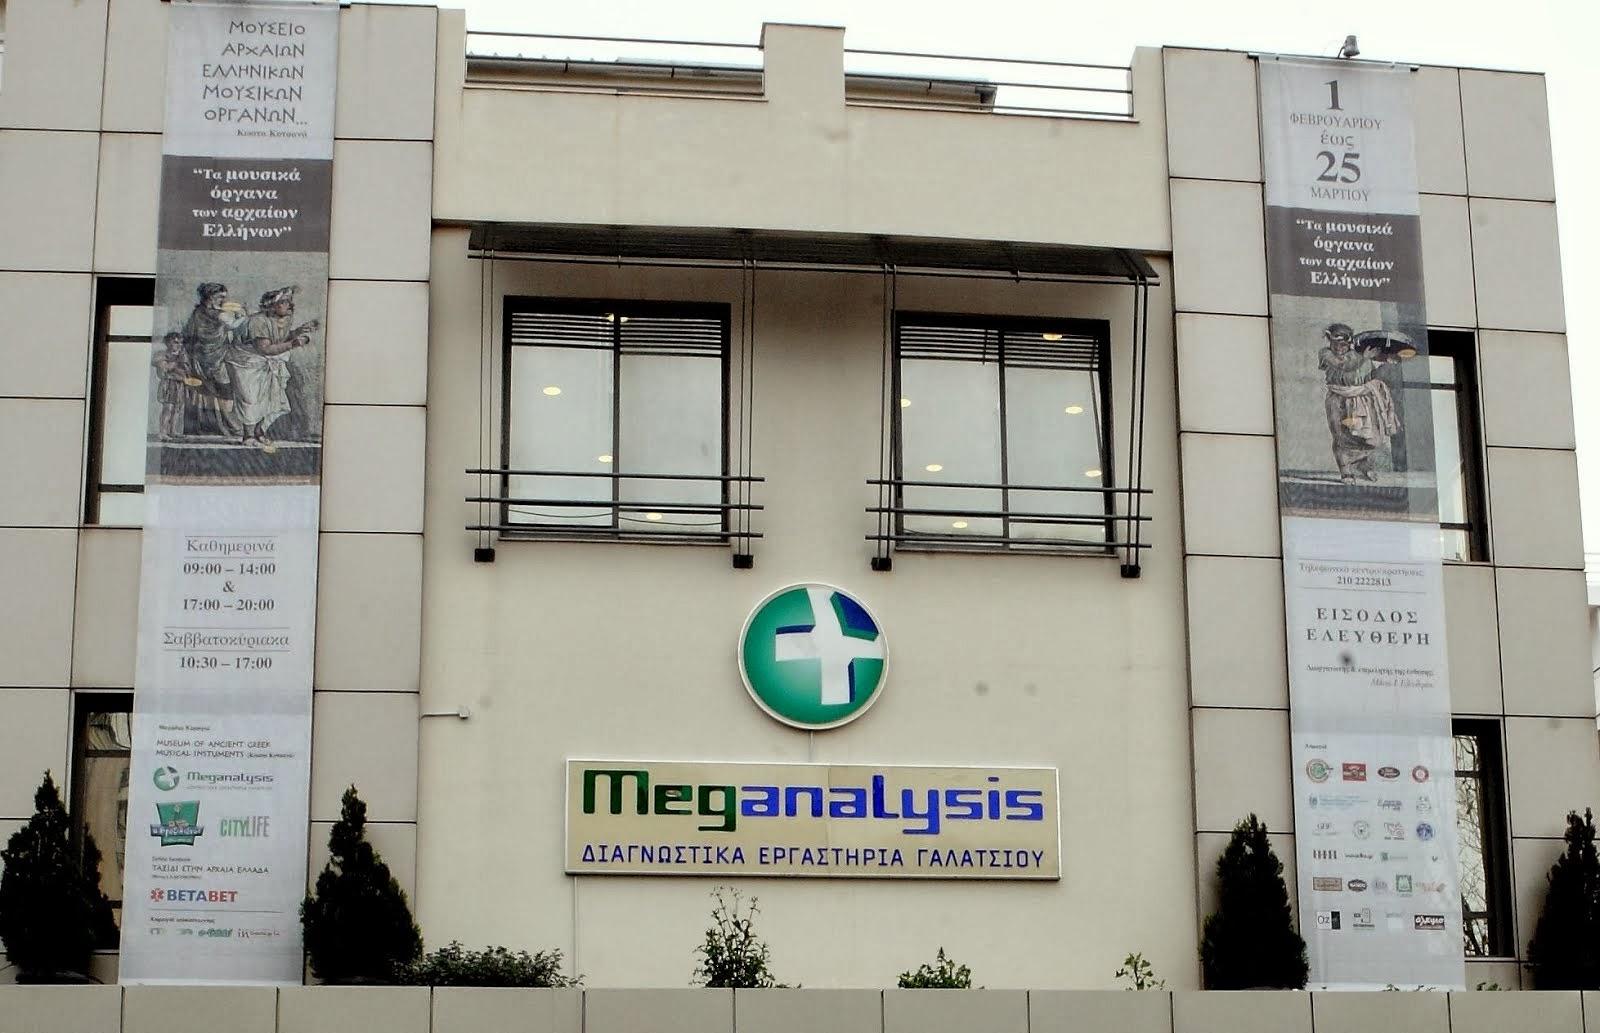 Meganalysis Διαγνωστικά Εργαστήρια Γαλατσίου και Kυψέλης